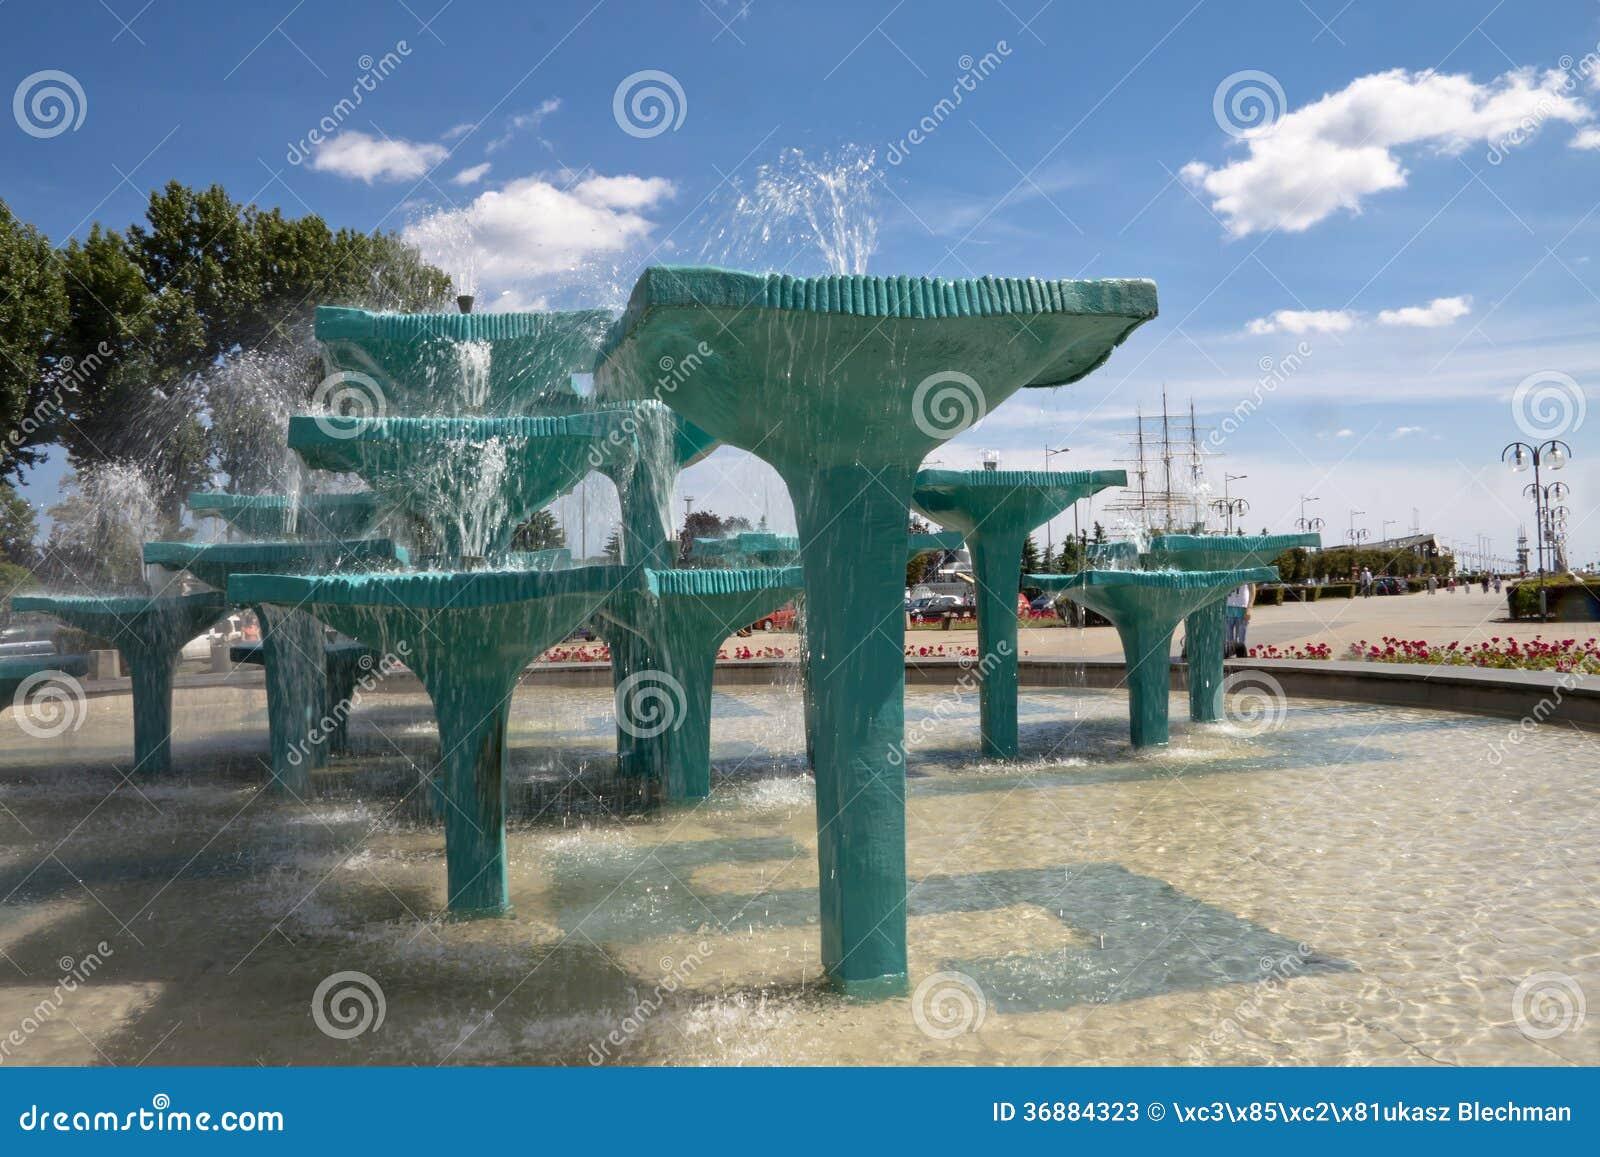 Download Fontana Gdynia - In Polonia Immagine Stock - Immagine di architettura, acqua: 36884323